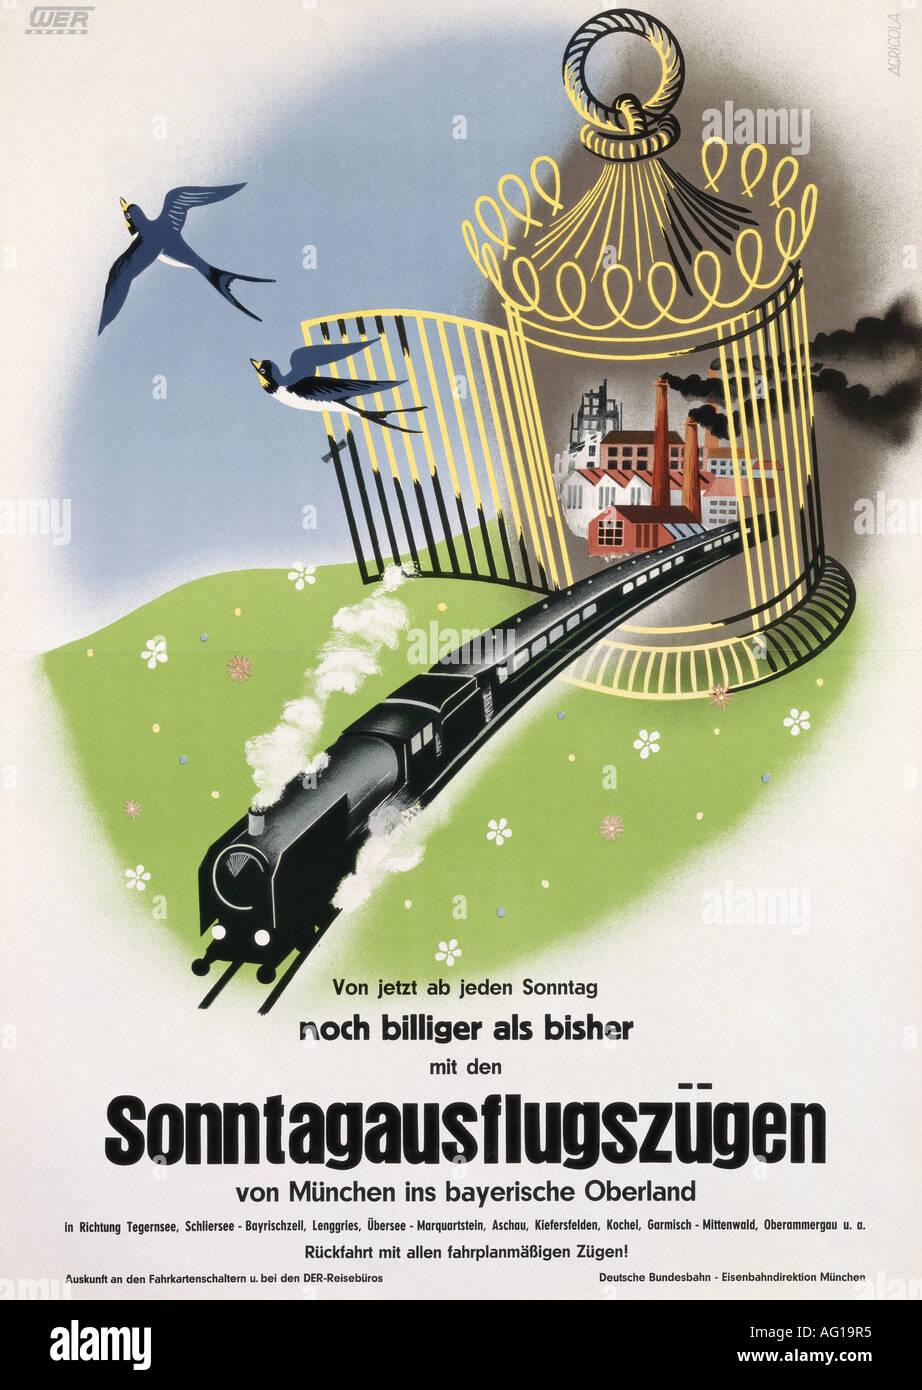 Poster design 50s - Stock Photo Advertising Transport Deutsche Bundesbahn Db Munich 1950s 50s Poster Design By Agricola Fine Arts Historical Histori